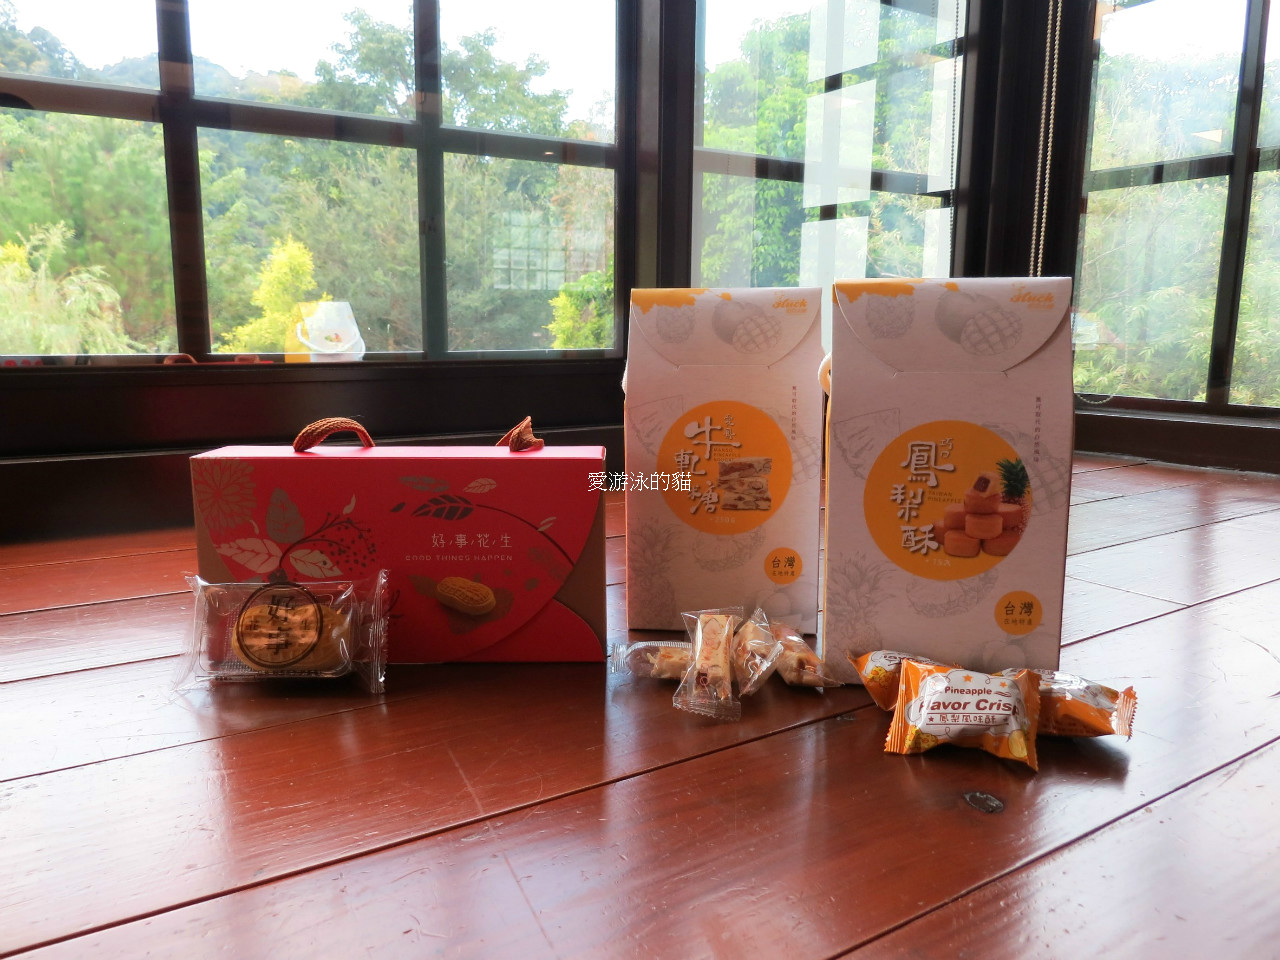 台中伴手禮-哈克大師中秋節禮盒,香蕉餅,土鳳梨酥,金桔酥,黃金小月娘